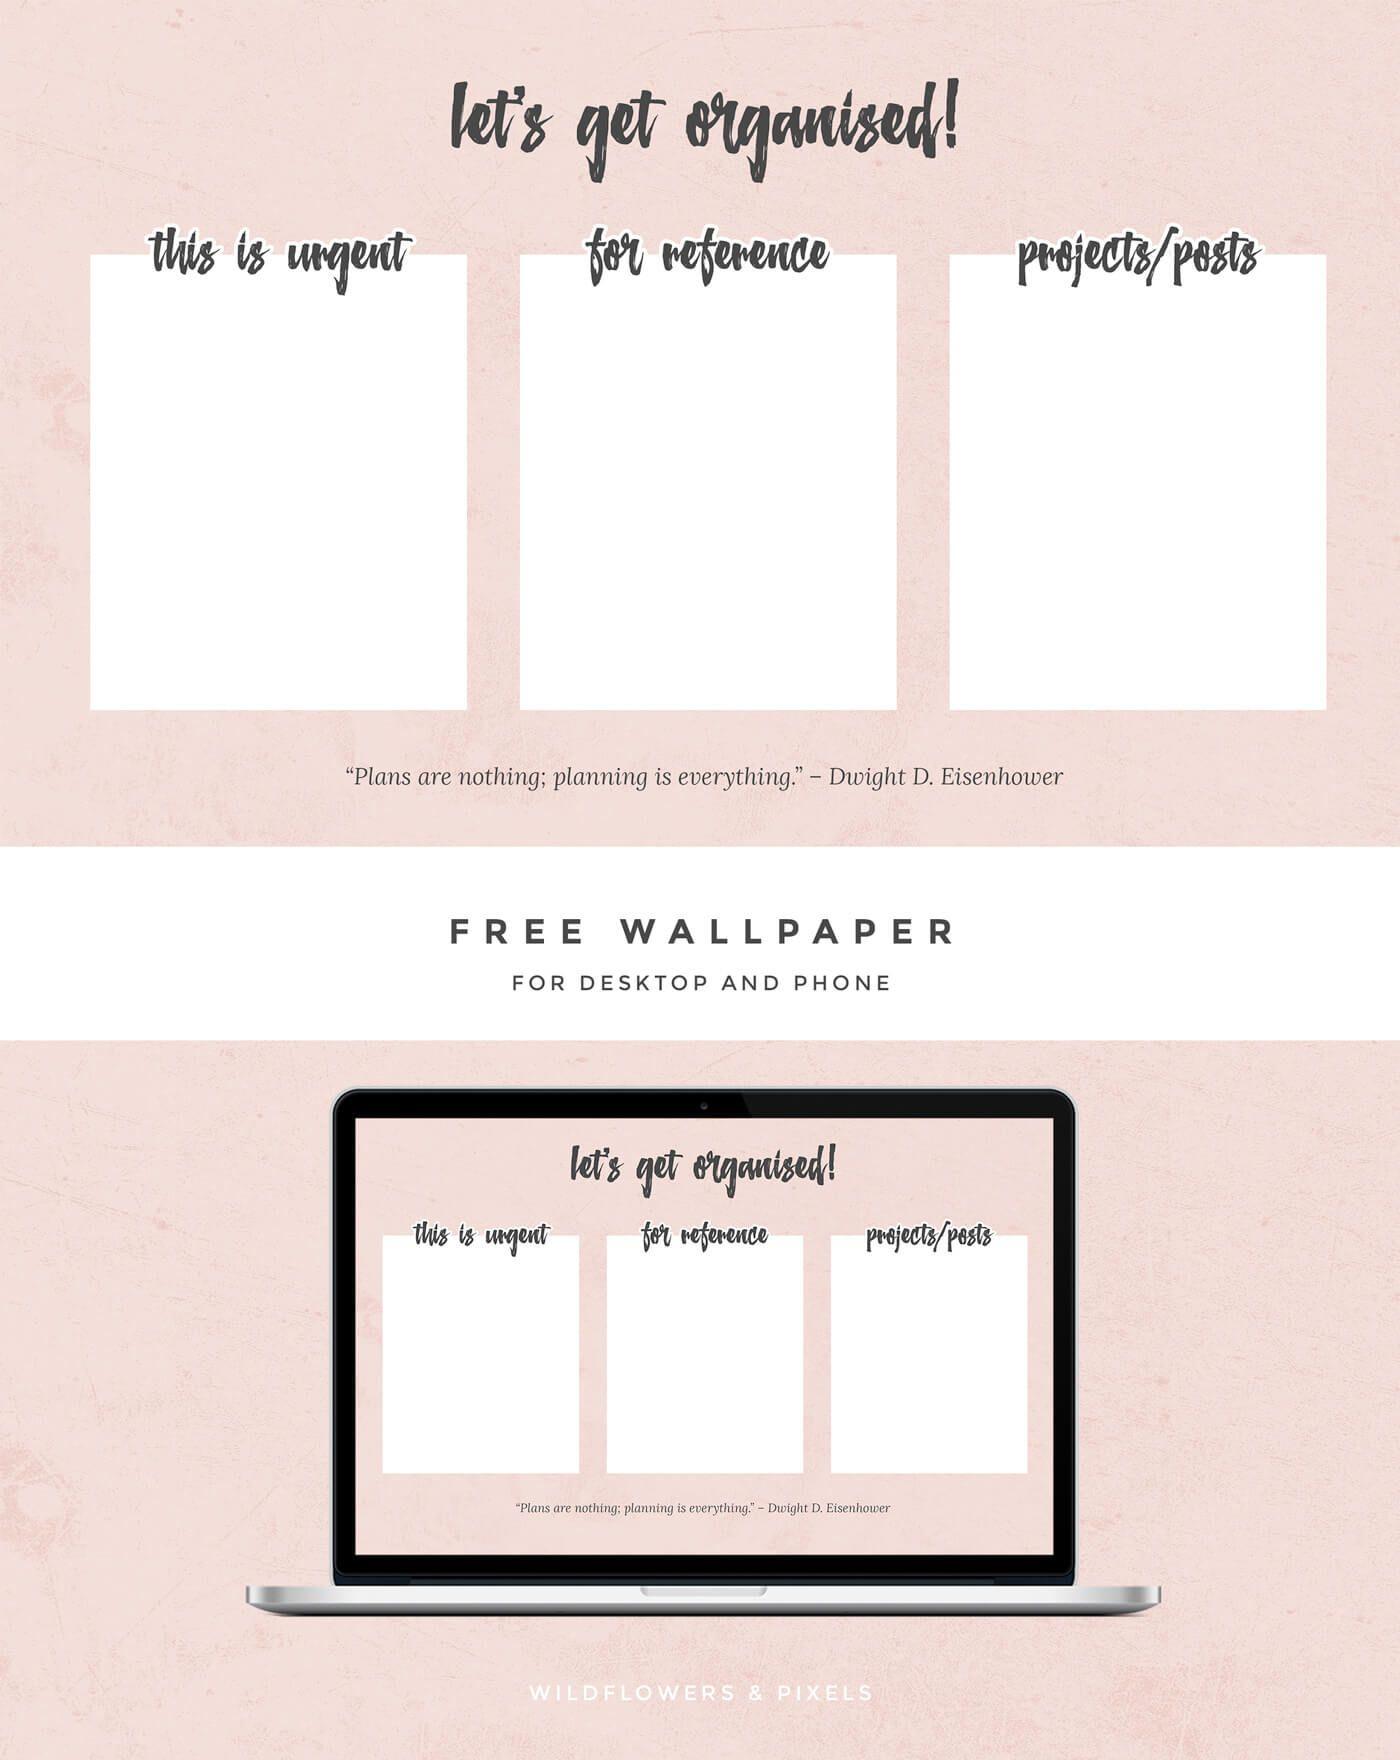 Lets Get Organised Free Wallpaper Desktop Wallpaper Organizer Free Desktop Wallpaper Free Wallpaper